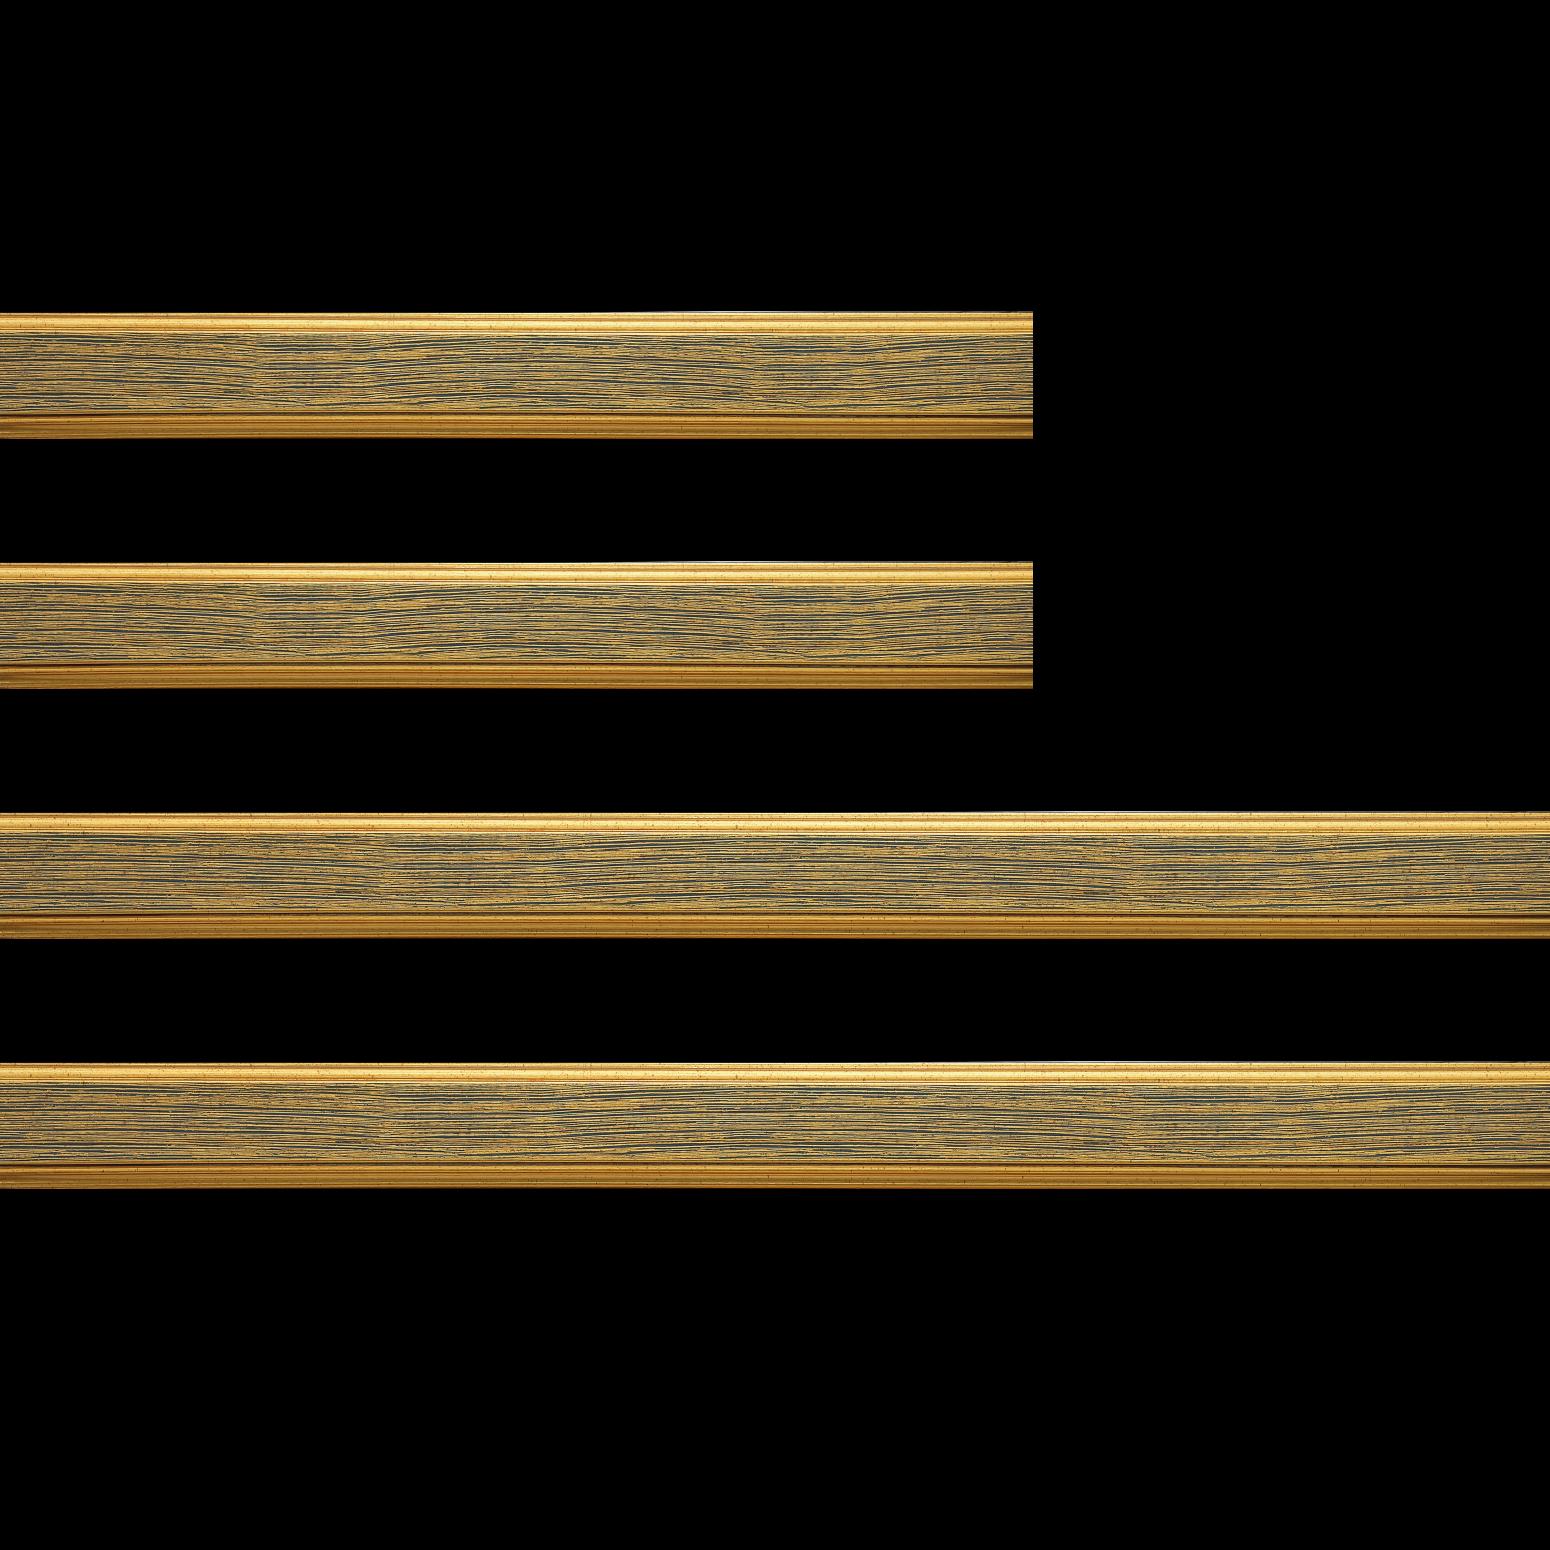 Baguette bois profil plat largeur 3.5cm couleur or fond bleu filet or